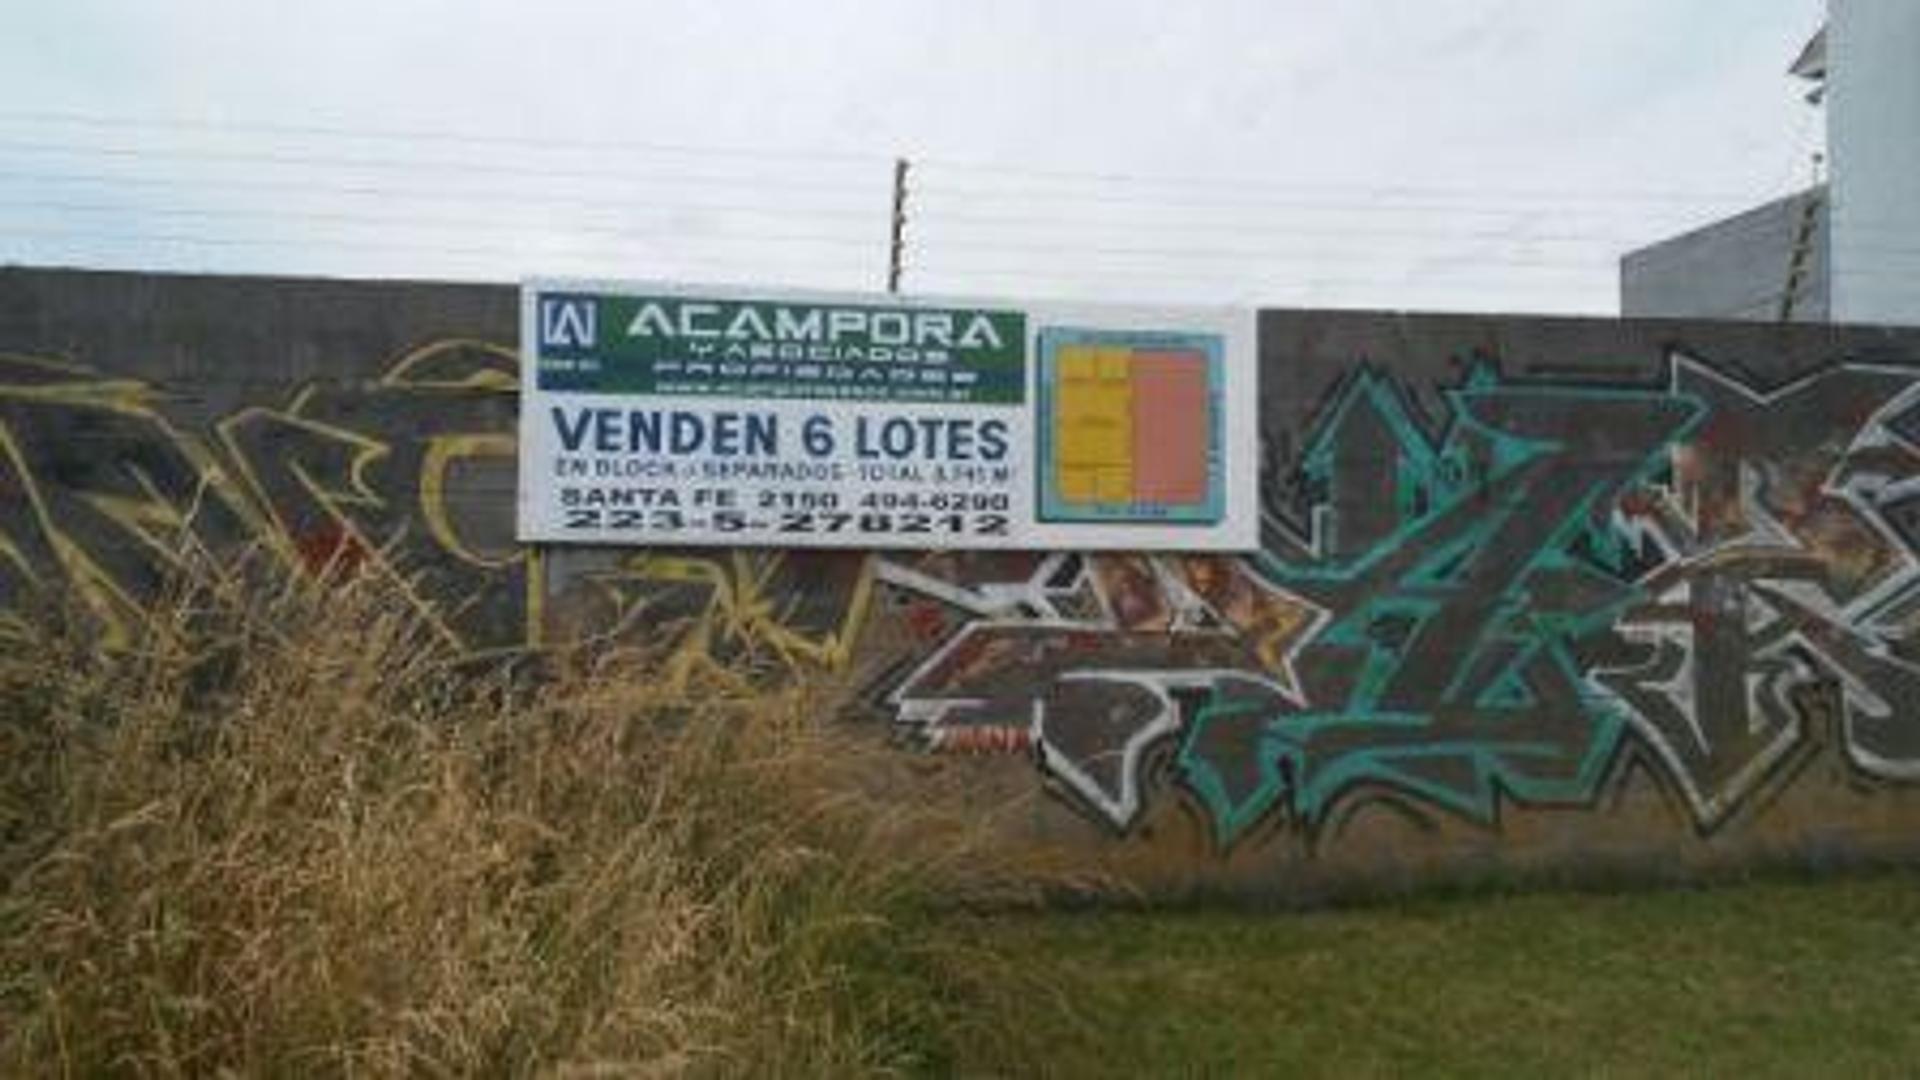 Venta de 6 lotes en block apto industria liviana barrio Santa Rita